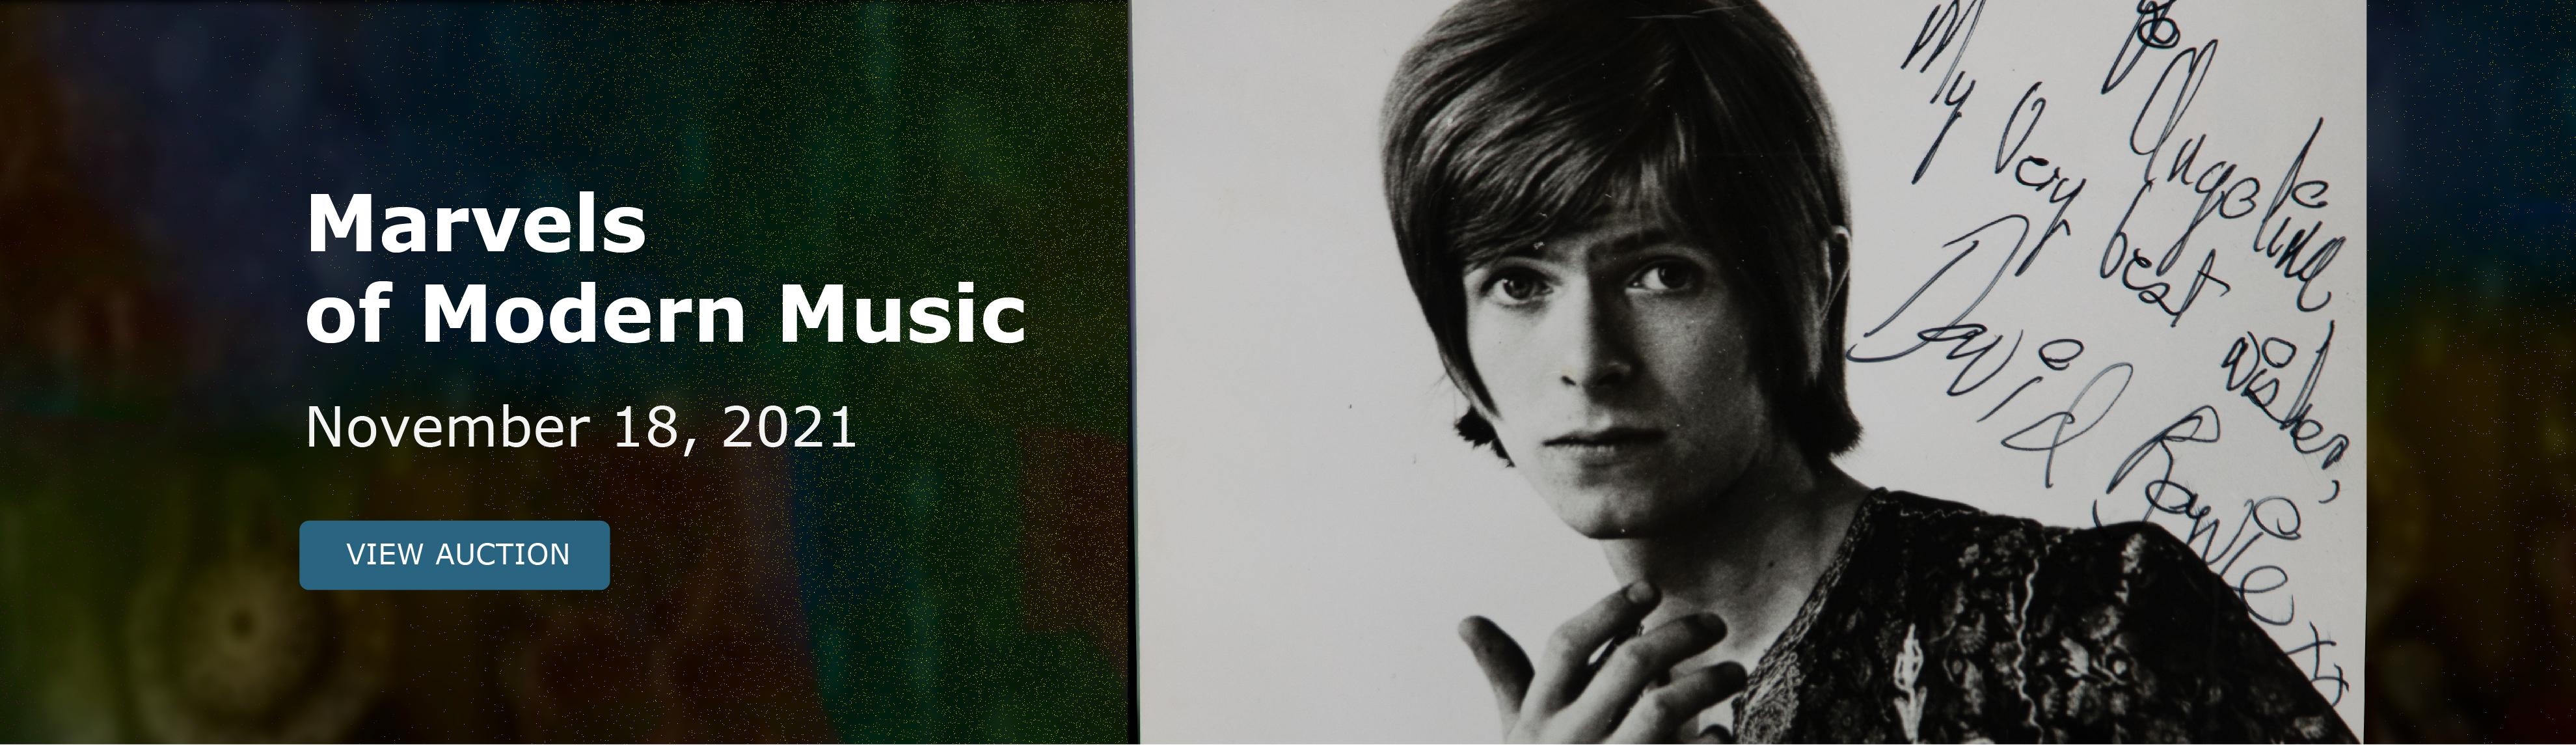 Marvels of Modern Music